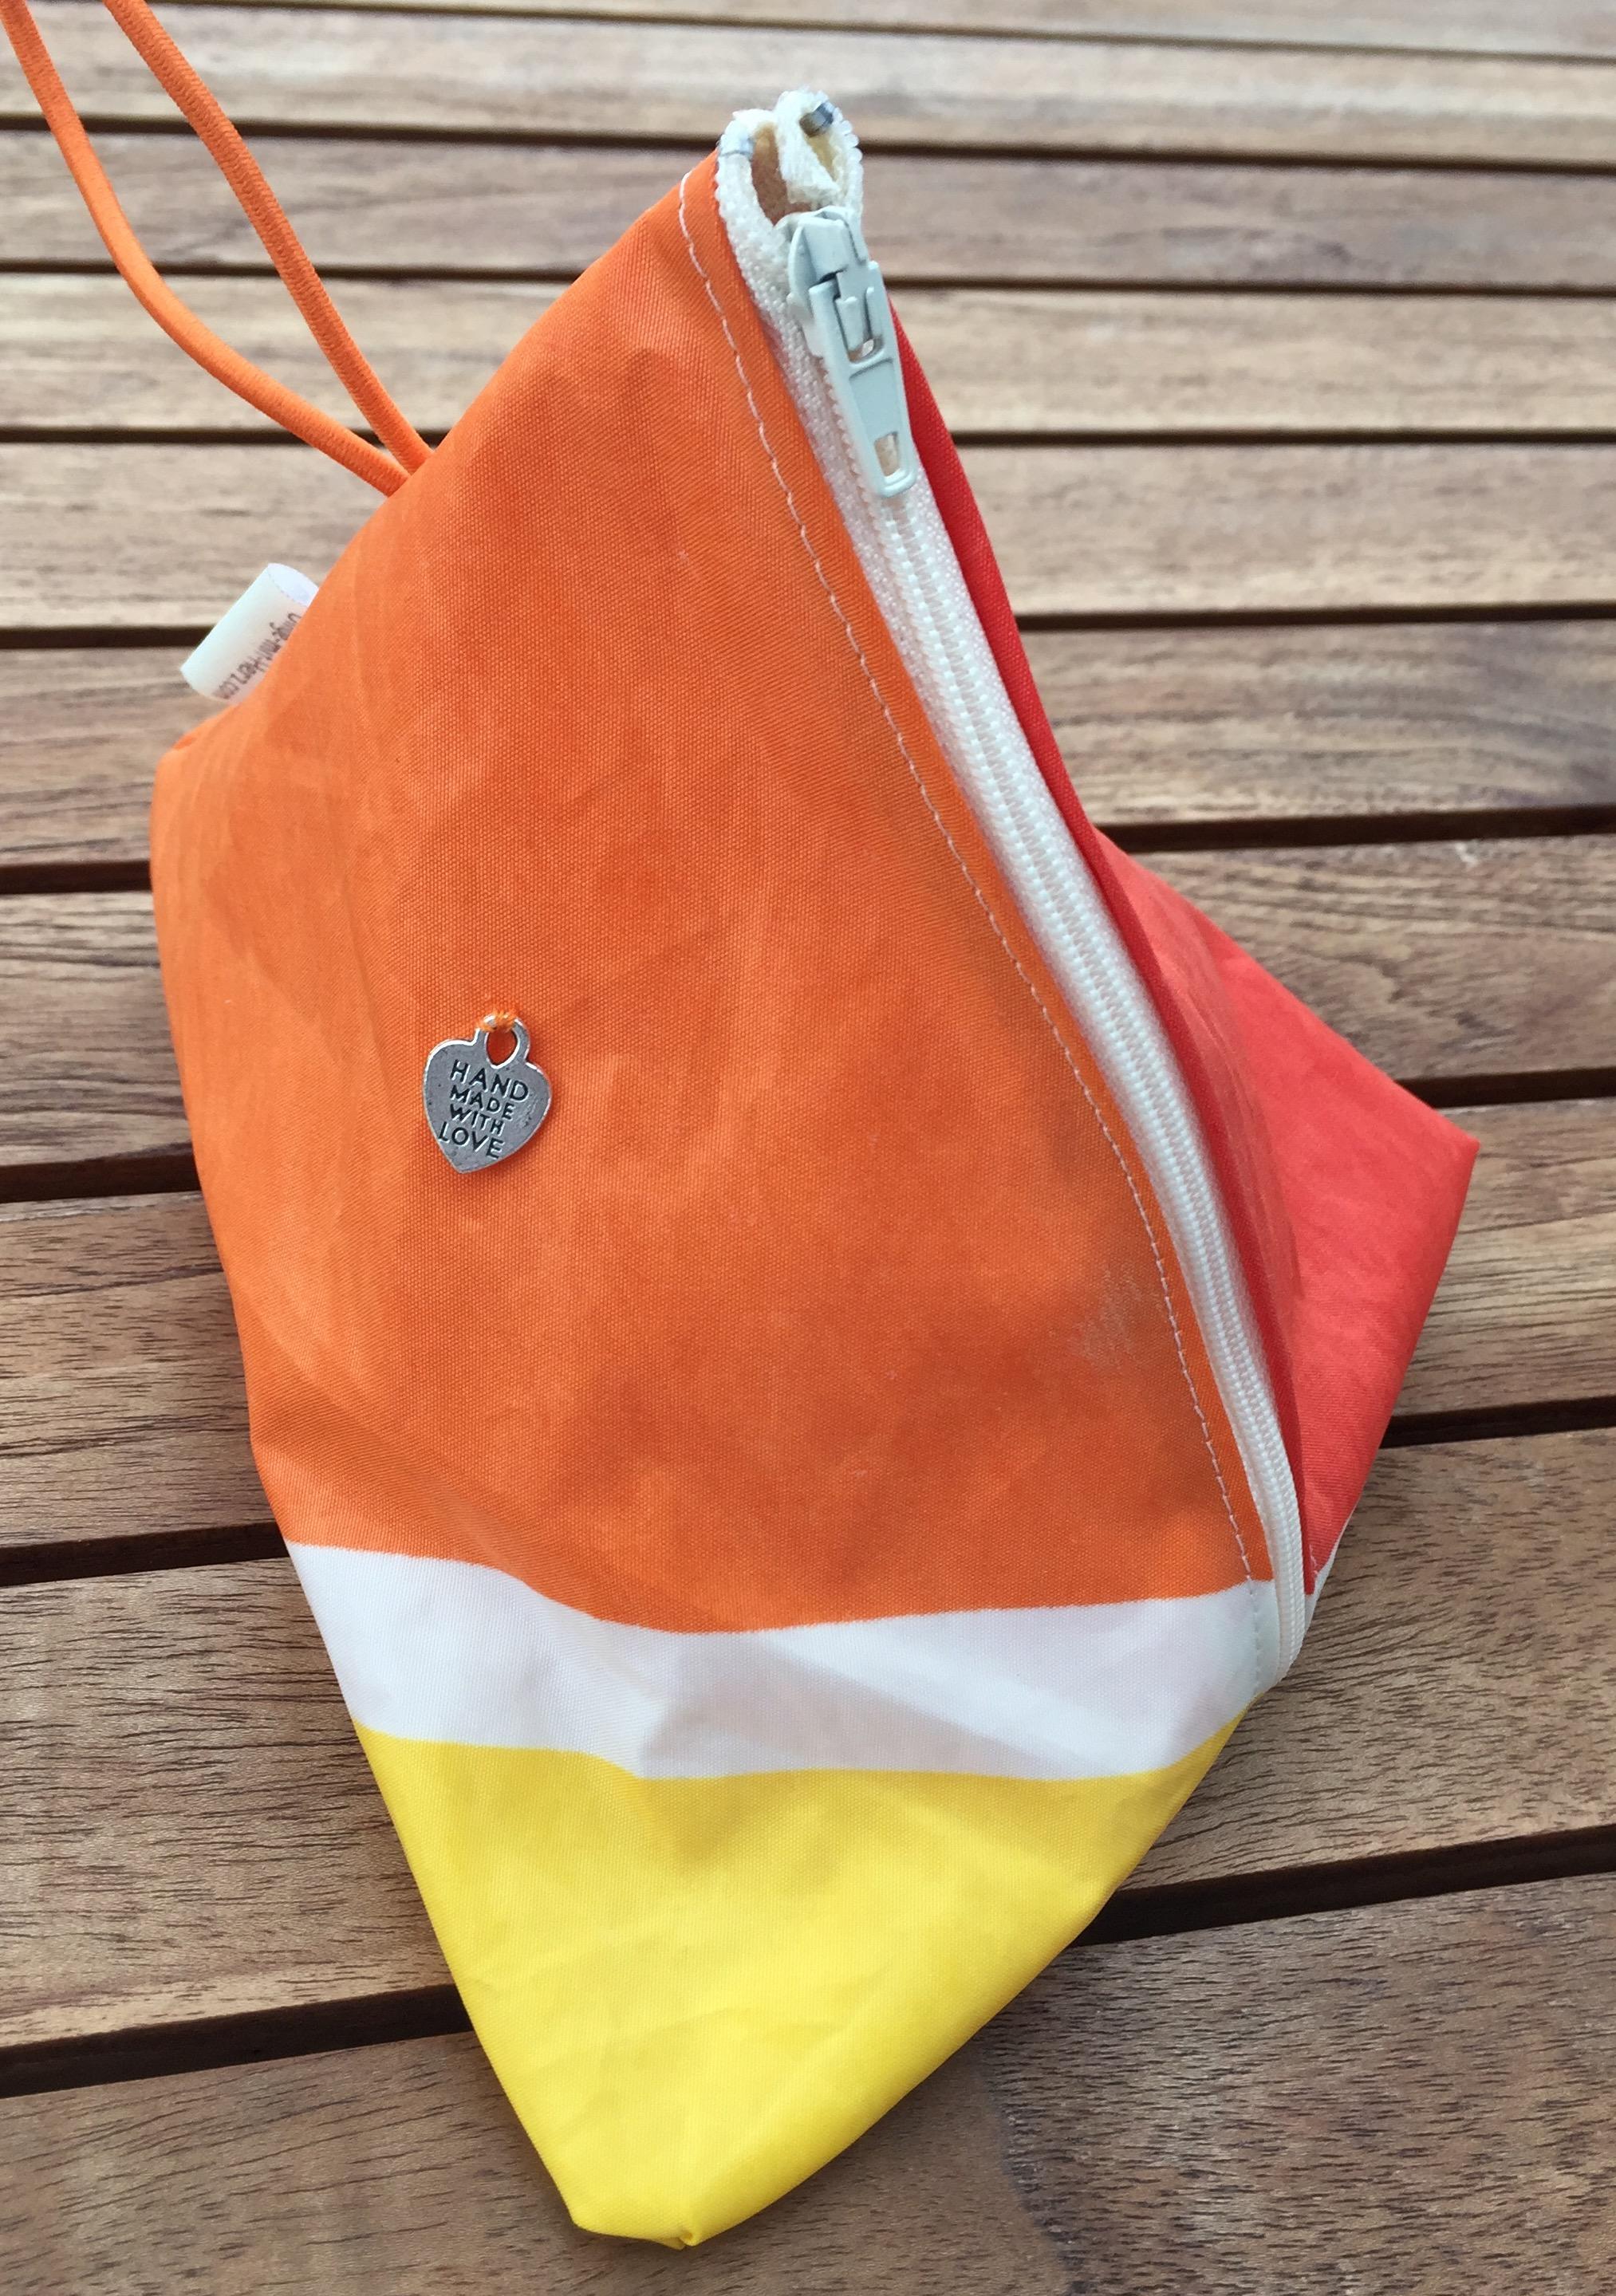 Neu in der Taschenfamilie: TRIANGOLO die kleine Tasche aus gesegeltem Segel